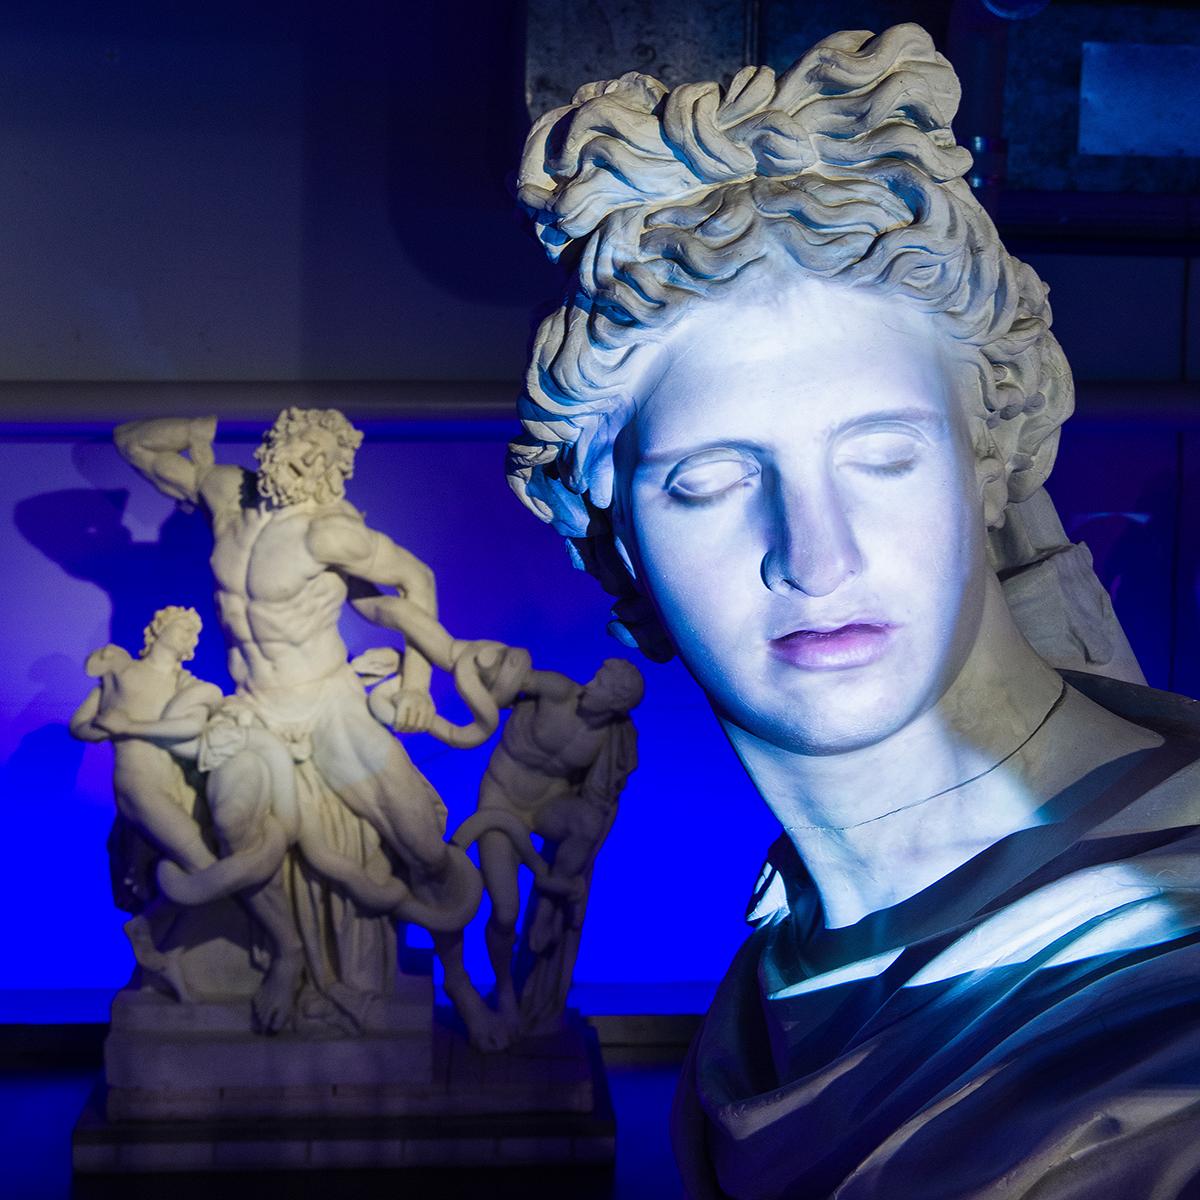 Die griechischen Götter werden zum Leben erweckt: Via Mikrofon und digitaler Sprachanalyse können die Skulpturen direkt angesprochen und zu ihrer Geschichte befragt werden. Dabei verleiht der Schauspieler Antonio Ramón Luque dem Sonnengott Apollon seine Stimme und sein Gesicht.  Foto: Matthieu Brouillard